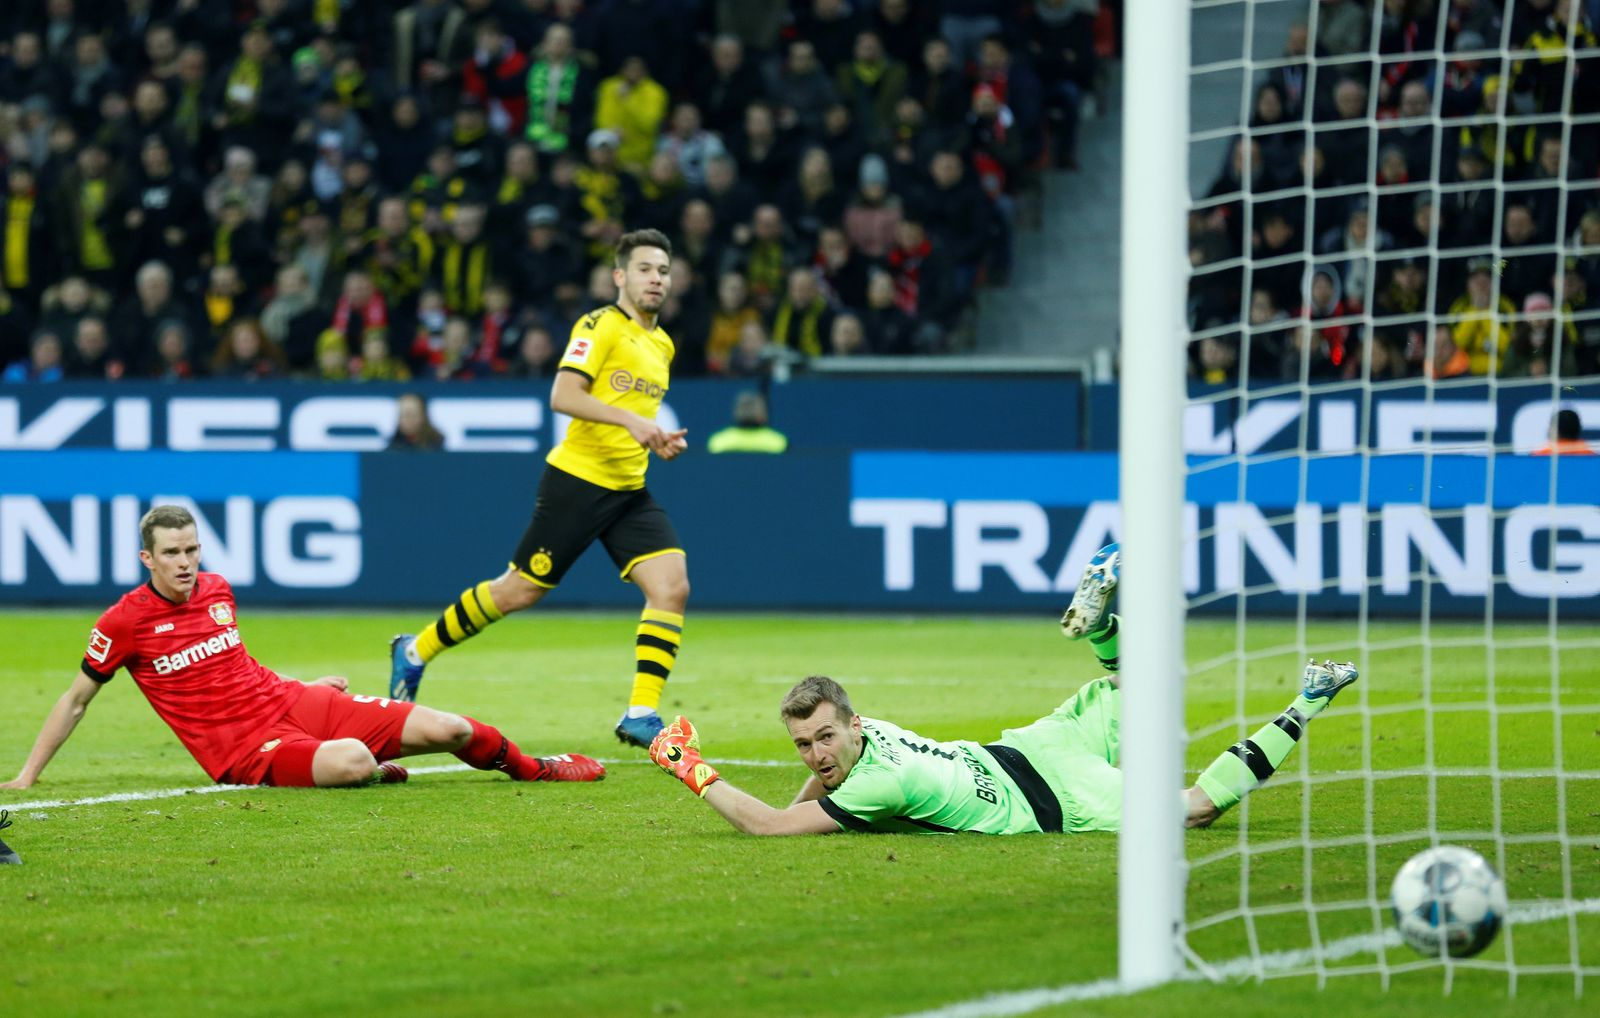 Bundesliga - Bayer Leverkusen v Borussia Dortmund